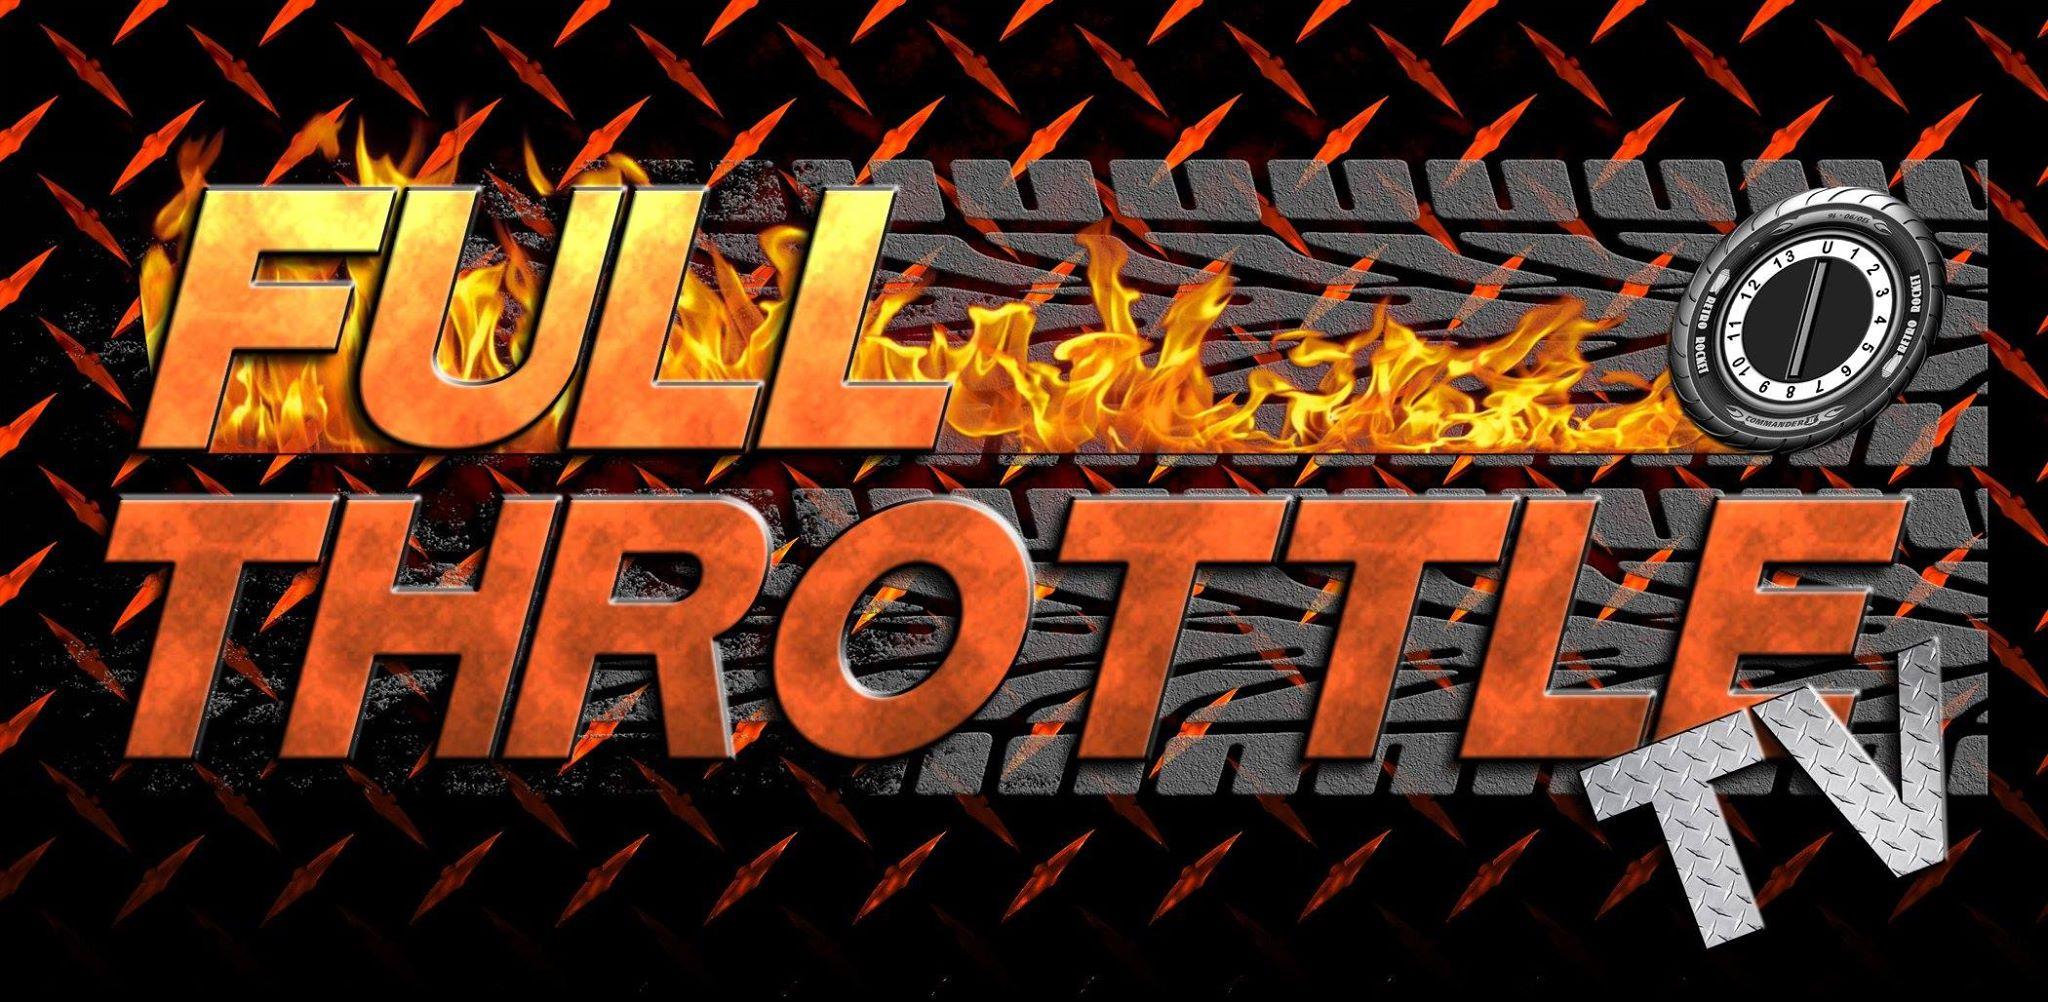 Full Throttle TV-Starsky & Hutch/Hardcastle & Mccormick